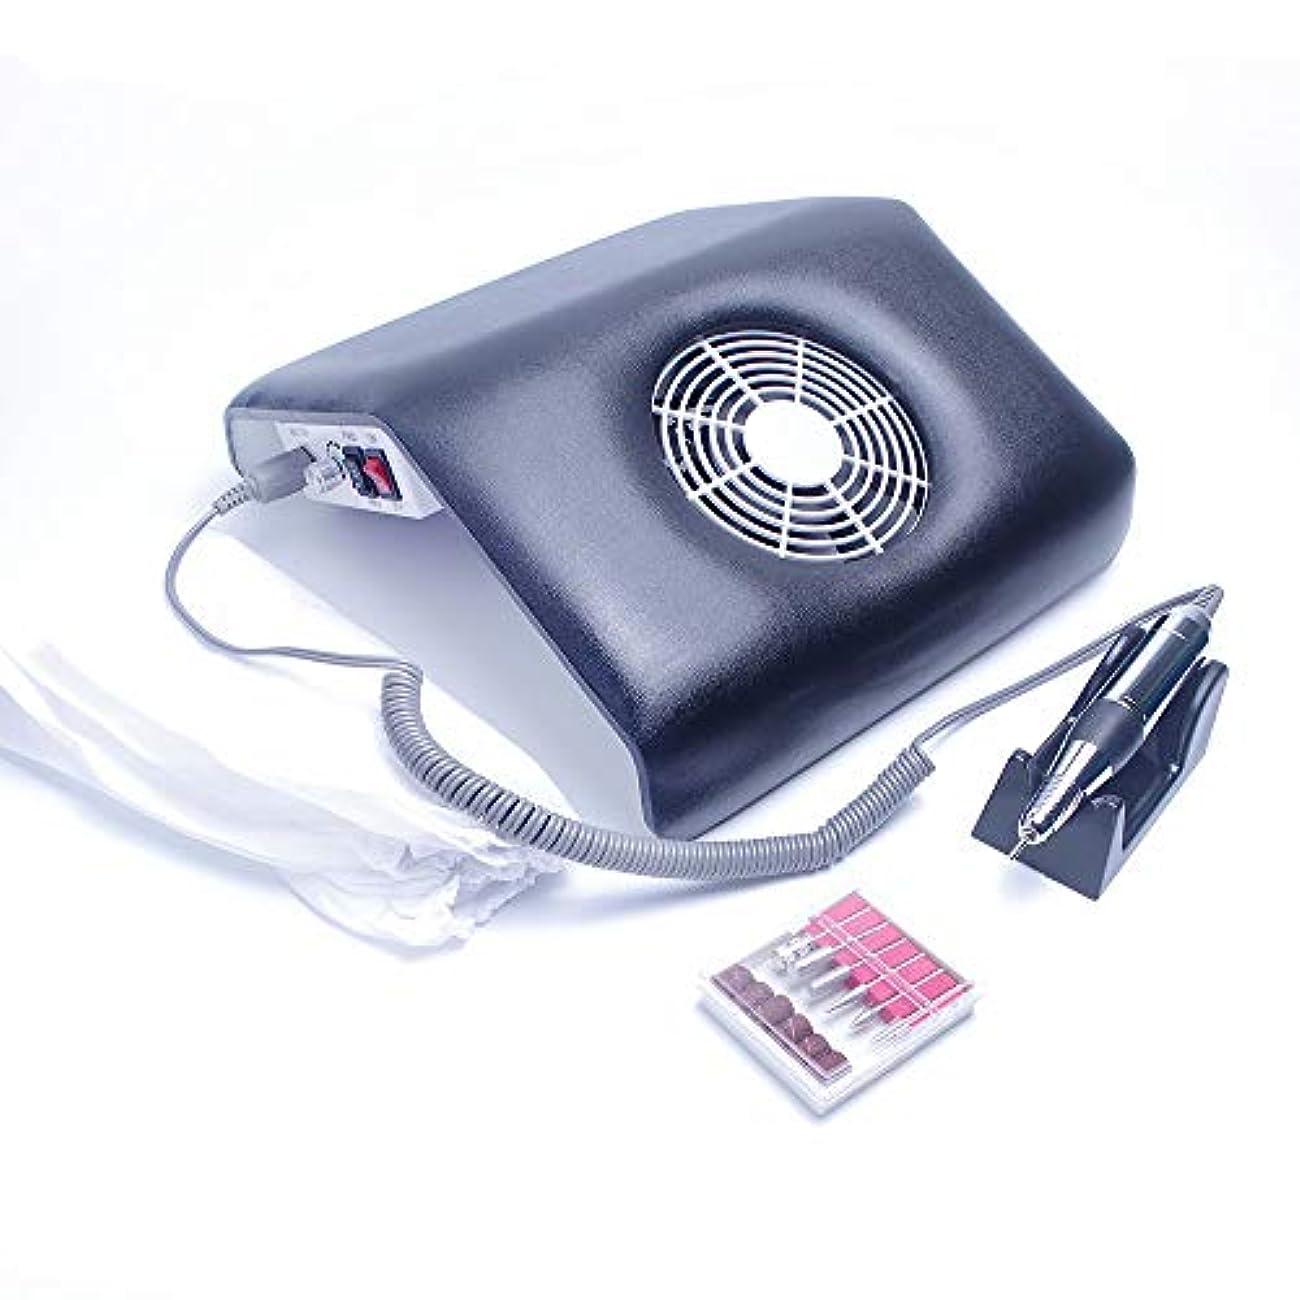 異常卑しい元に戻す集塵機 ネイル ダストコレクター ネイルドリル ネイルマシーン ネイルマシン 電動ネイルファイル 電動ネイルケア ネイルオフ ジェルネイルオフ ジェルオフ セルフネイル